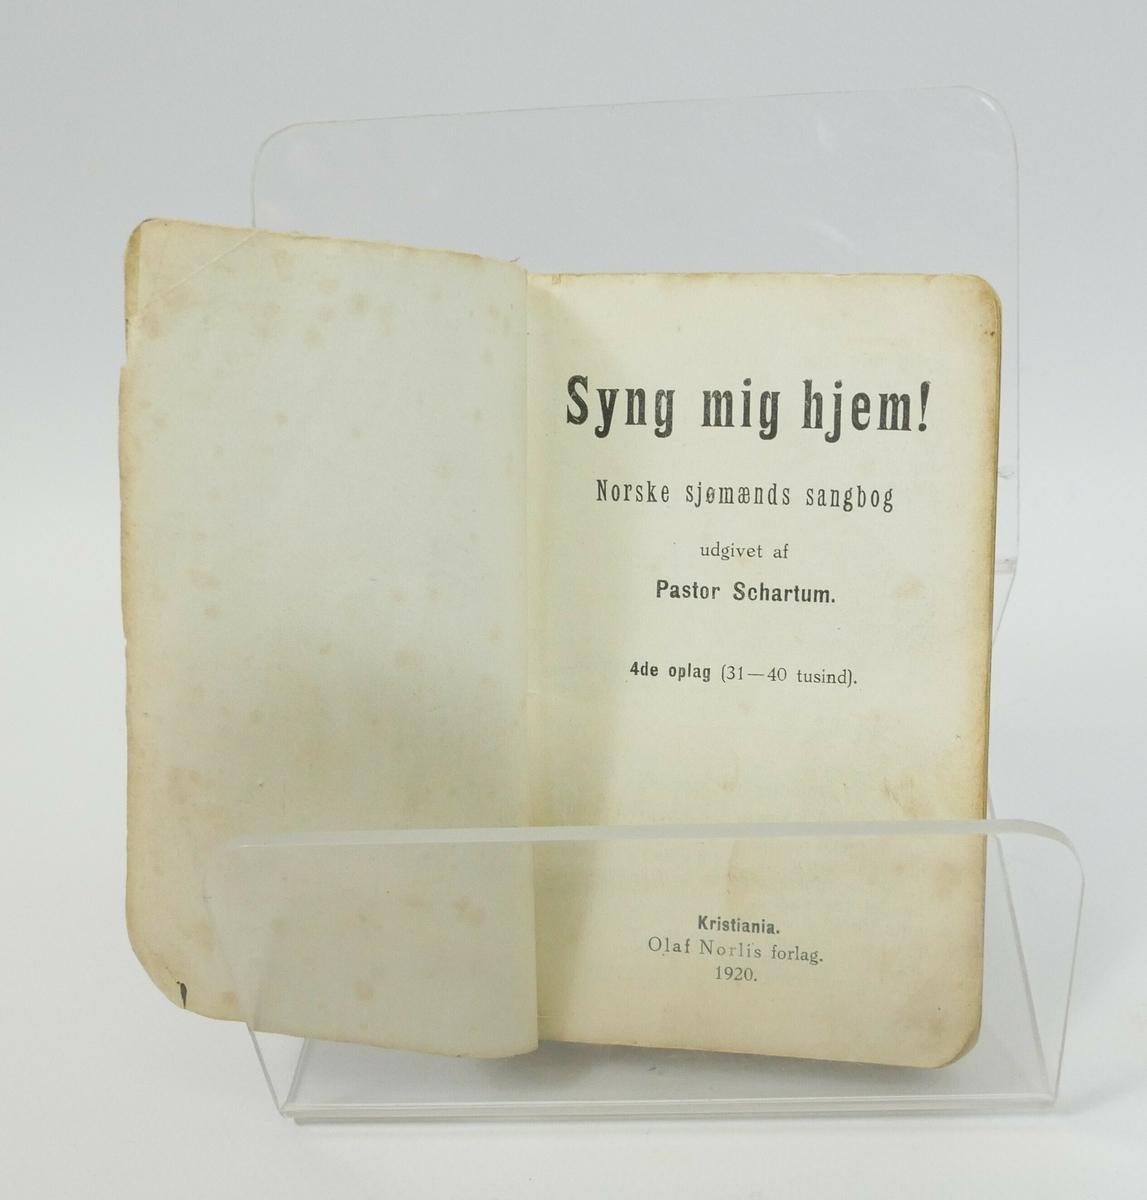 Rektangulær bok med rødt omslag.   Påskrift, trykt på omslaget:  Norske sjømænds sangbog // SCHARTUM // SYNG MIG HJEM!